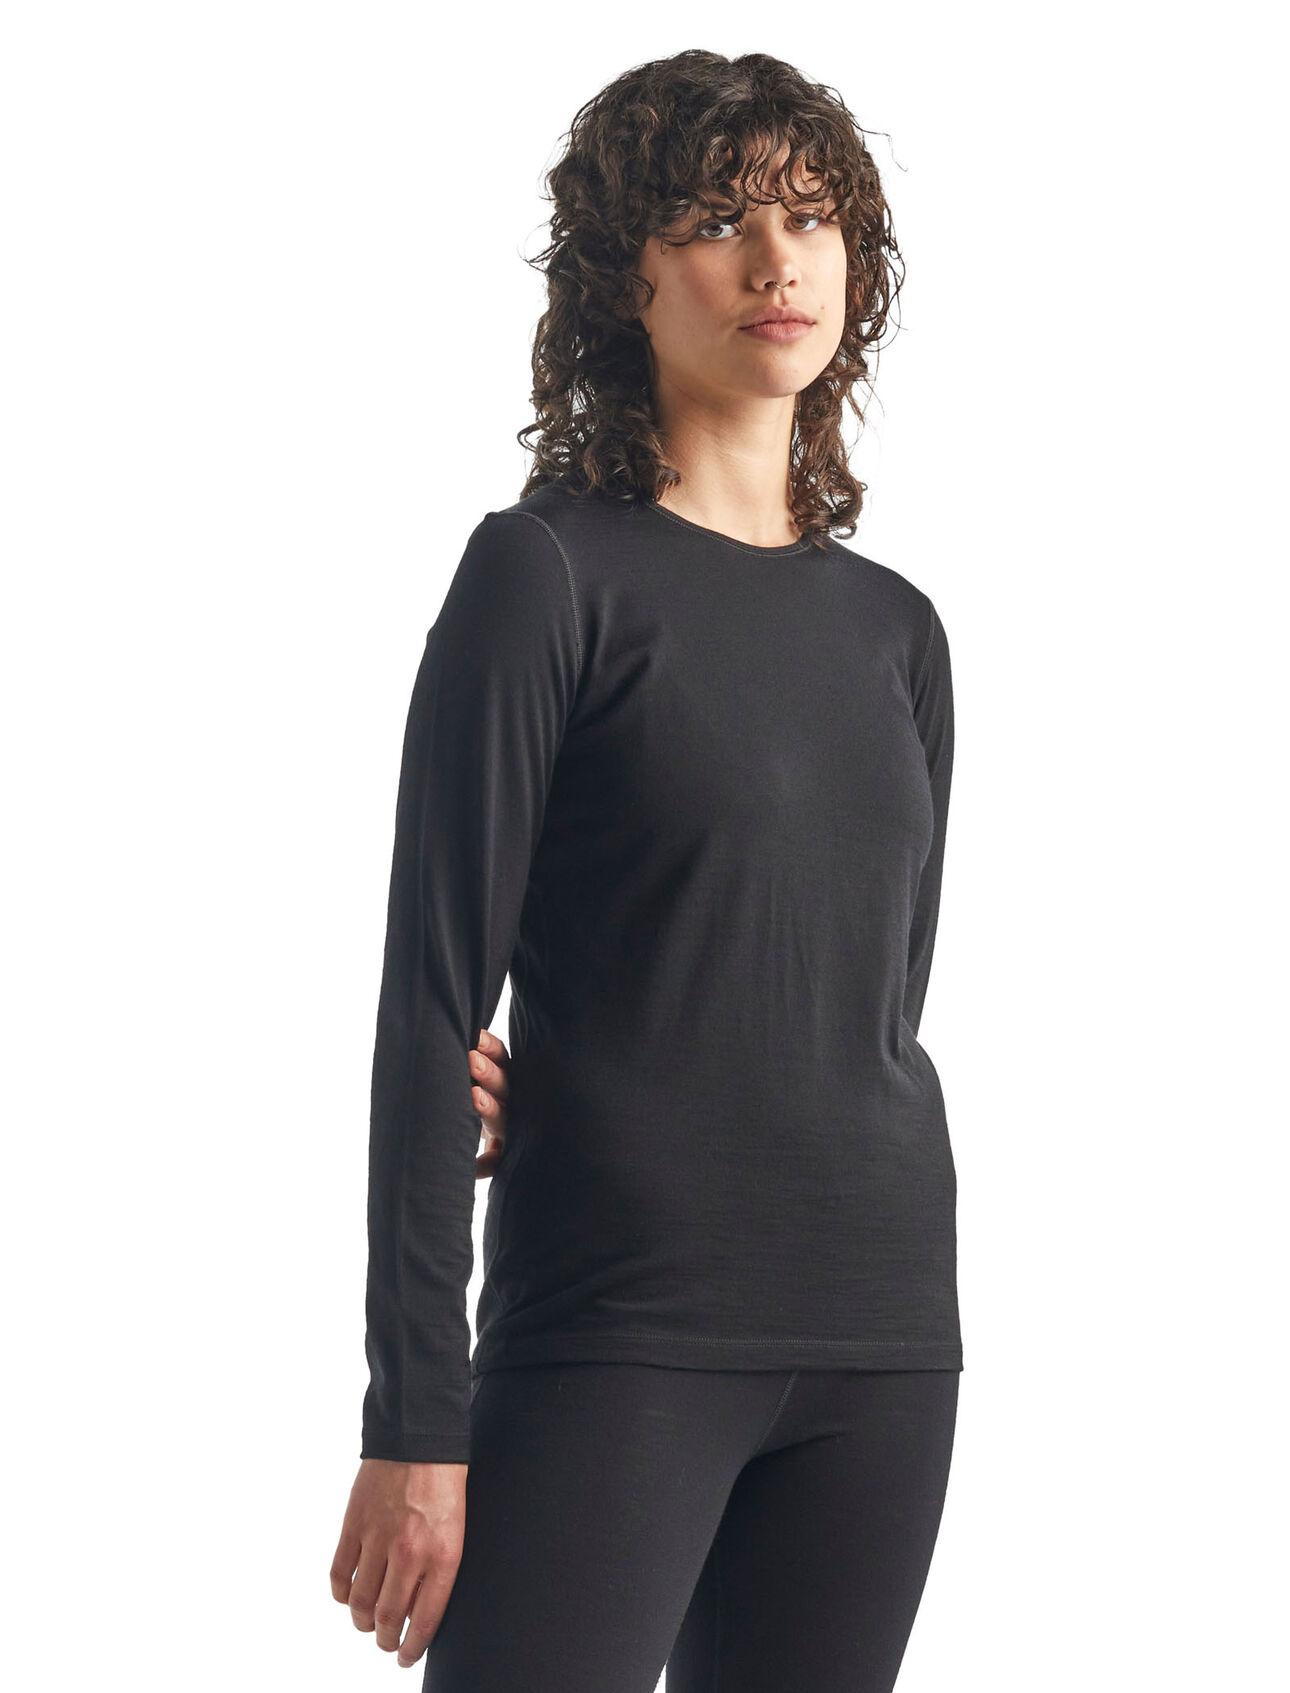 ICEBREAKER Femme 200 Oasis Manche Longue Crewe Cou couche de base-Noir